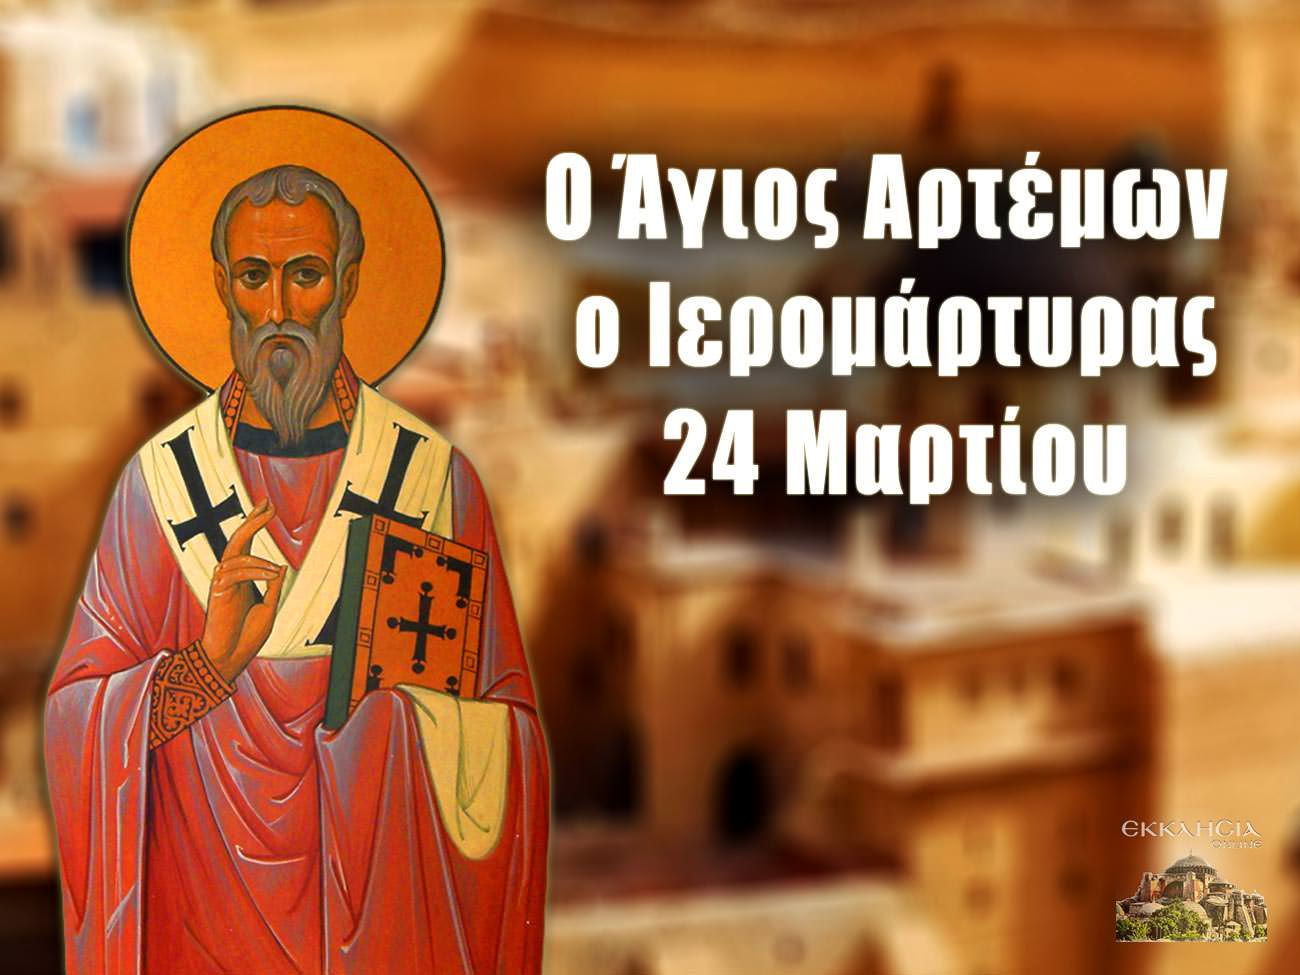 Άγιος Αρτέμων 24 Μαρτίου